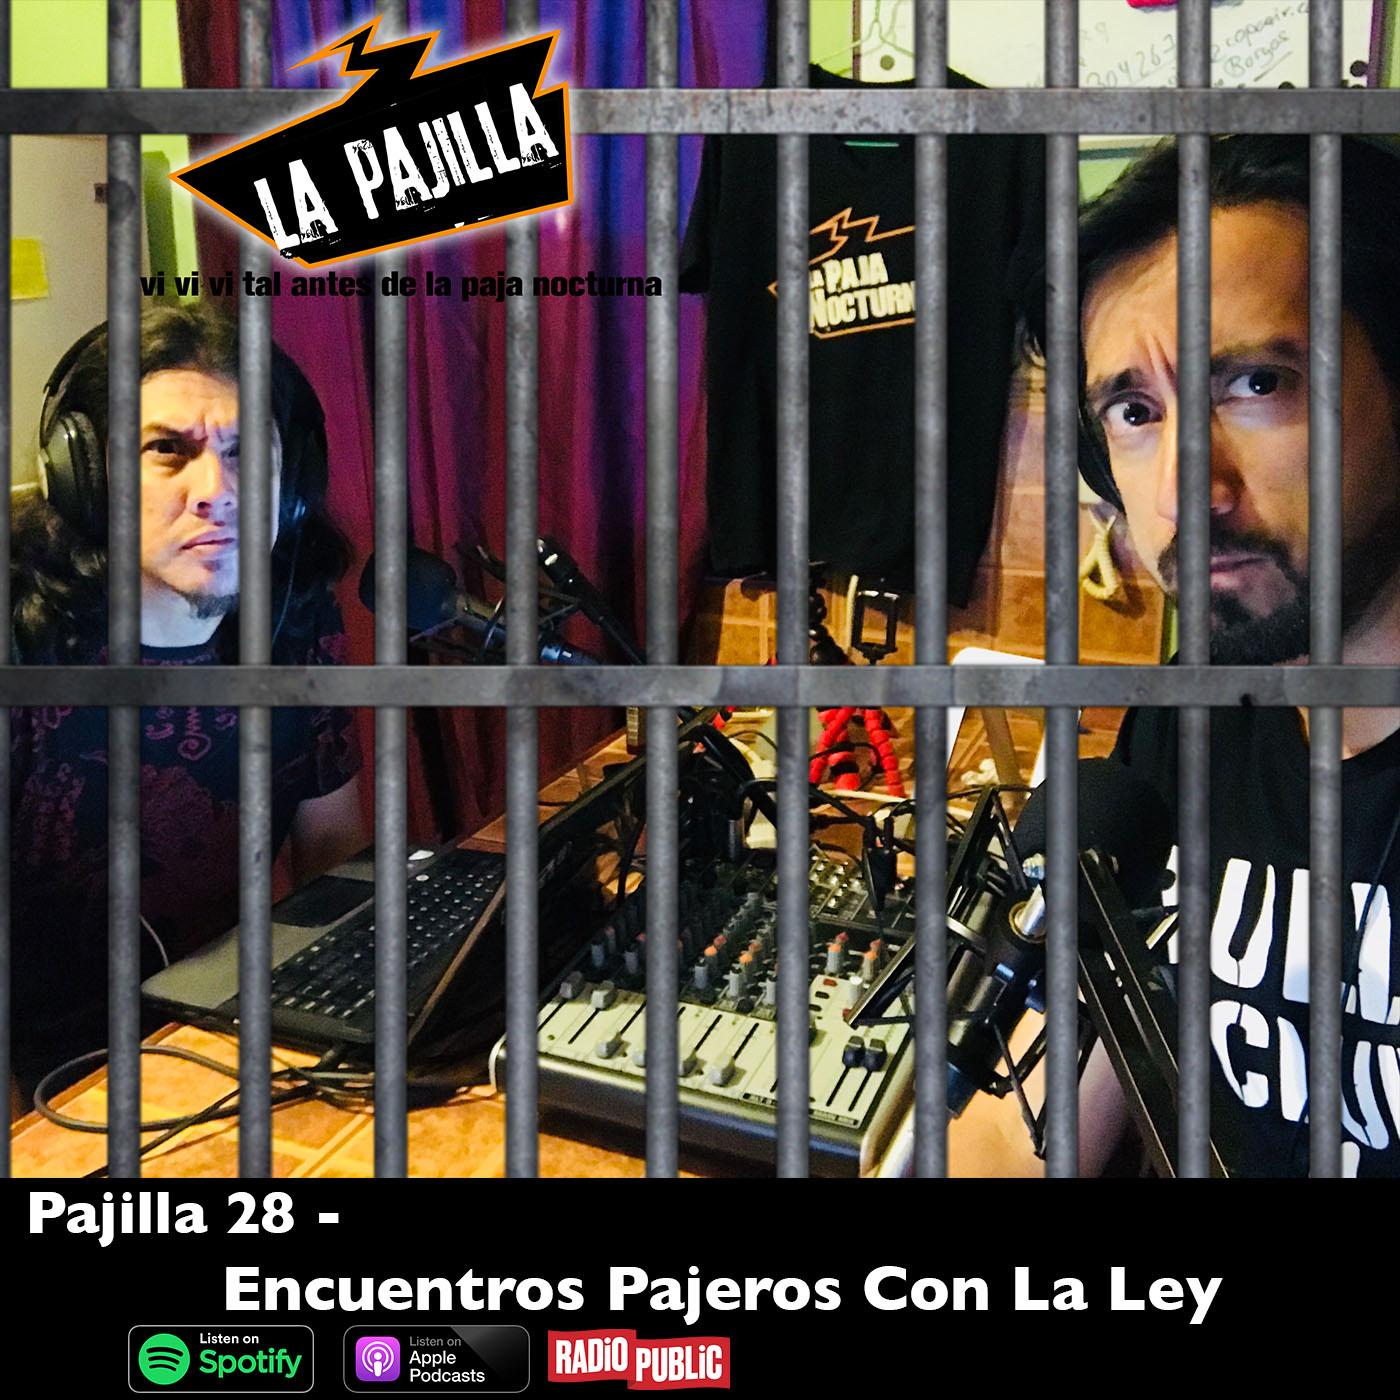 La Paja Nocturna Podcast CR Pajilla 28